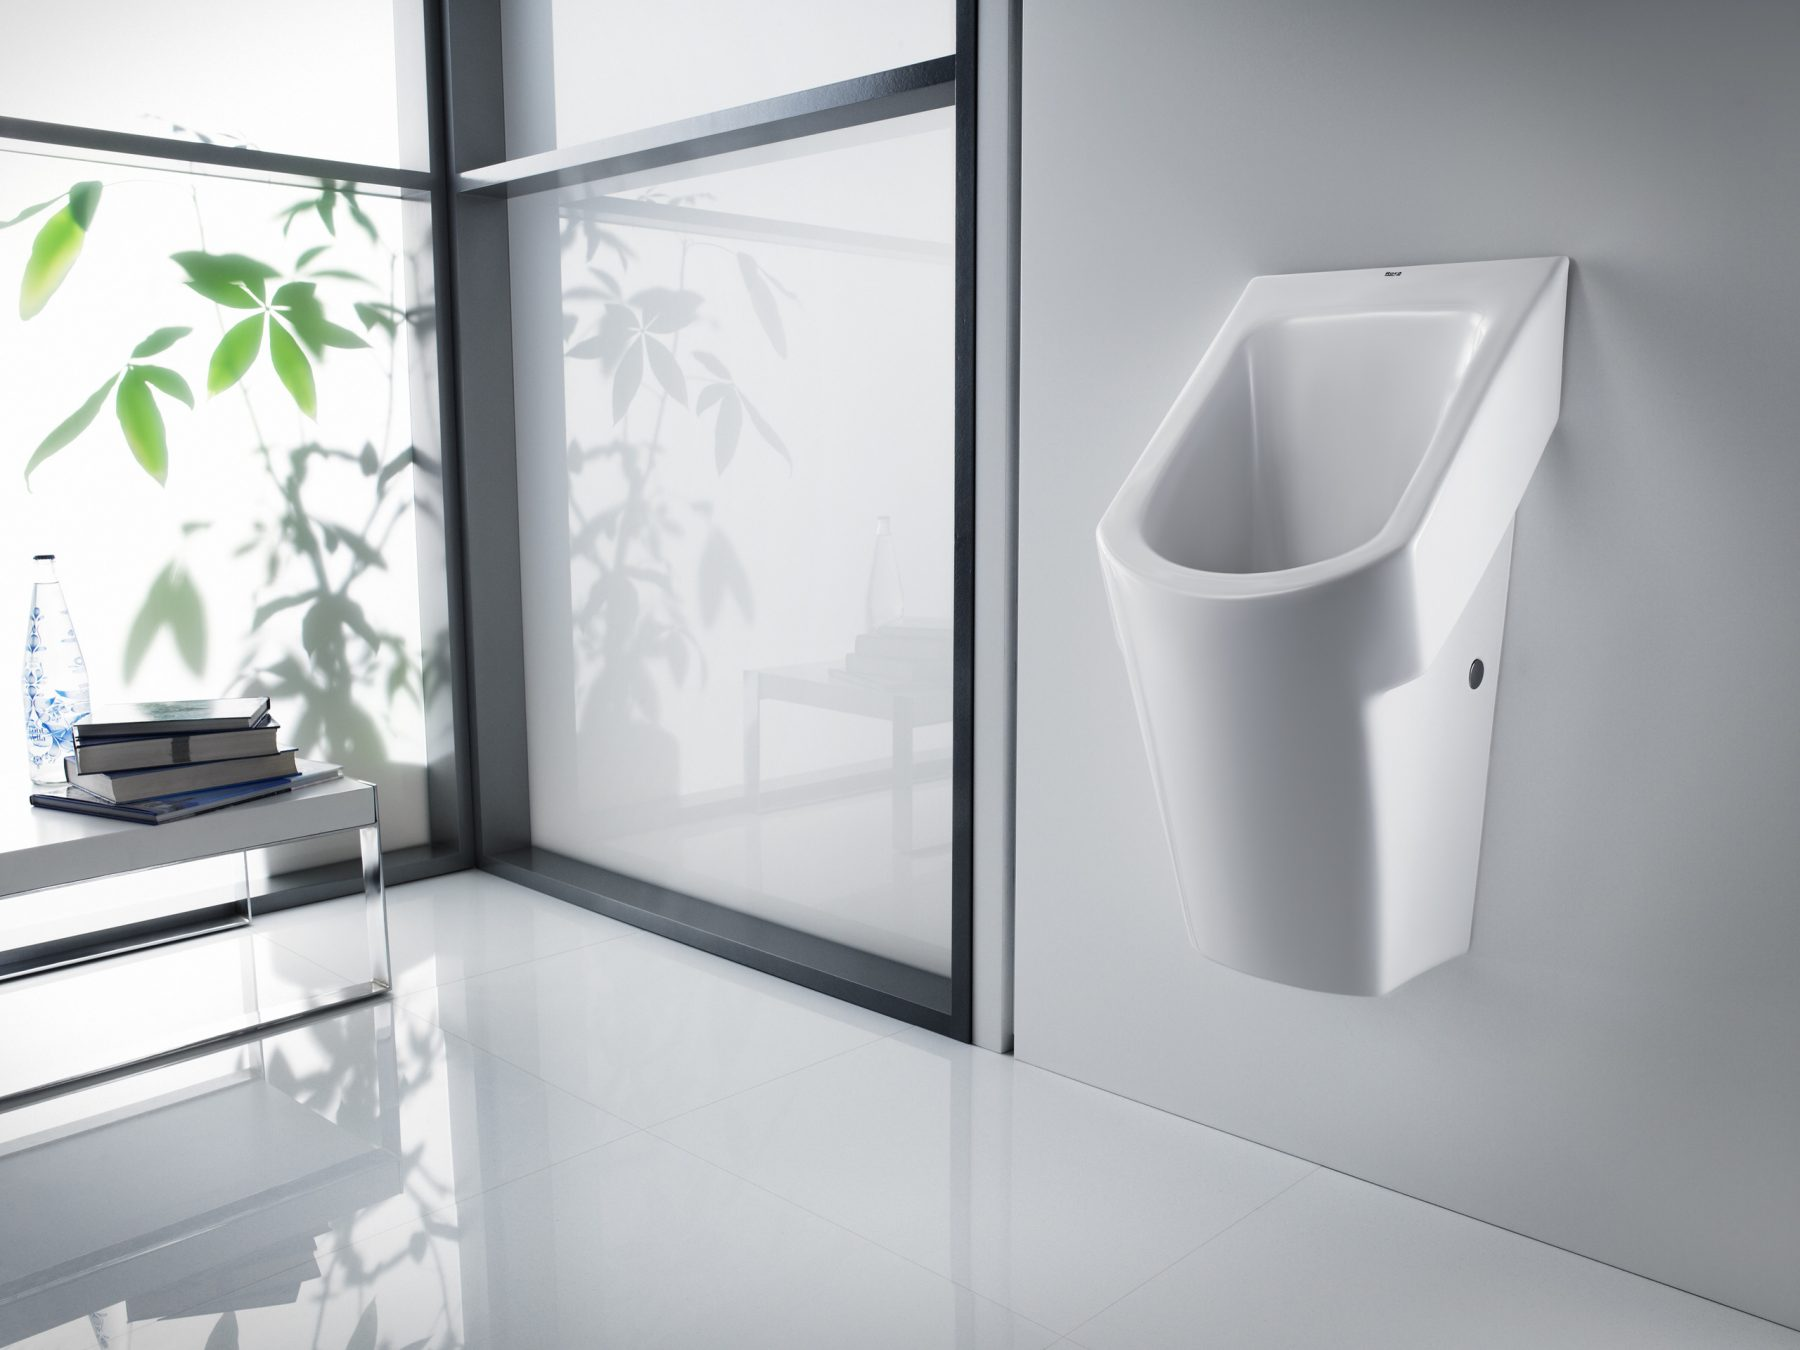 Salle De Bain Urinoir ~ urinoir sans eau hall de roca salle de bains salledebains fr